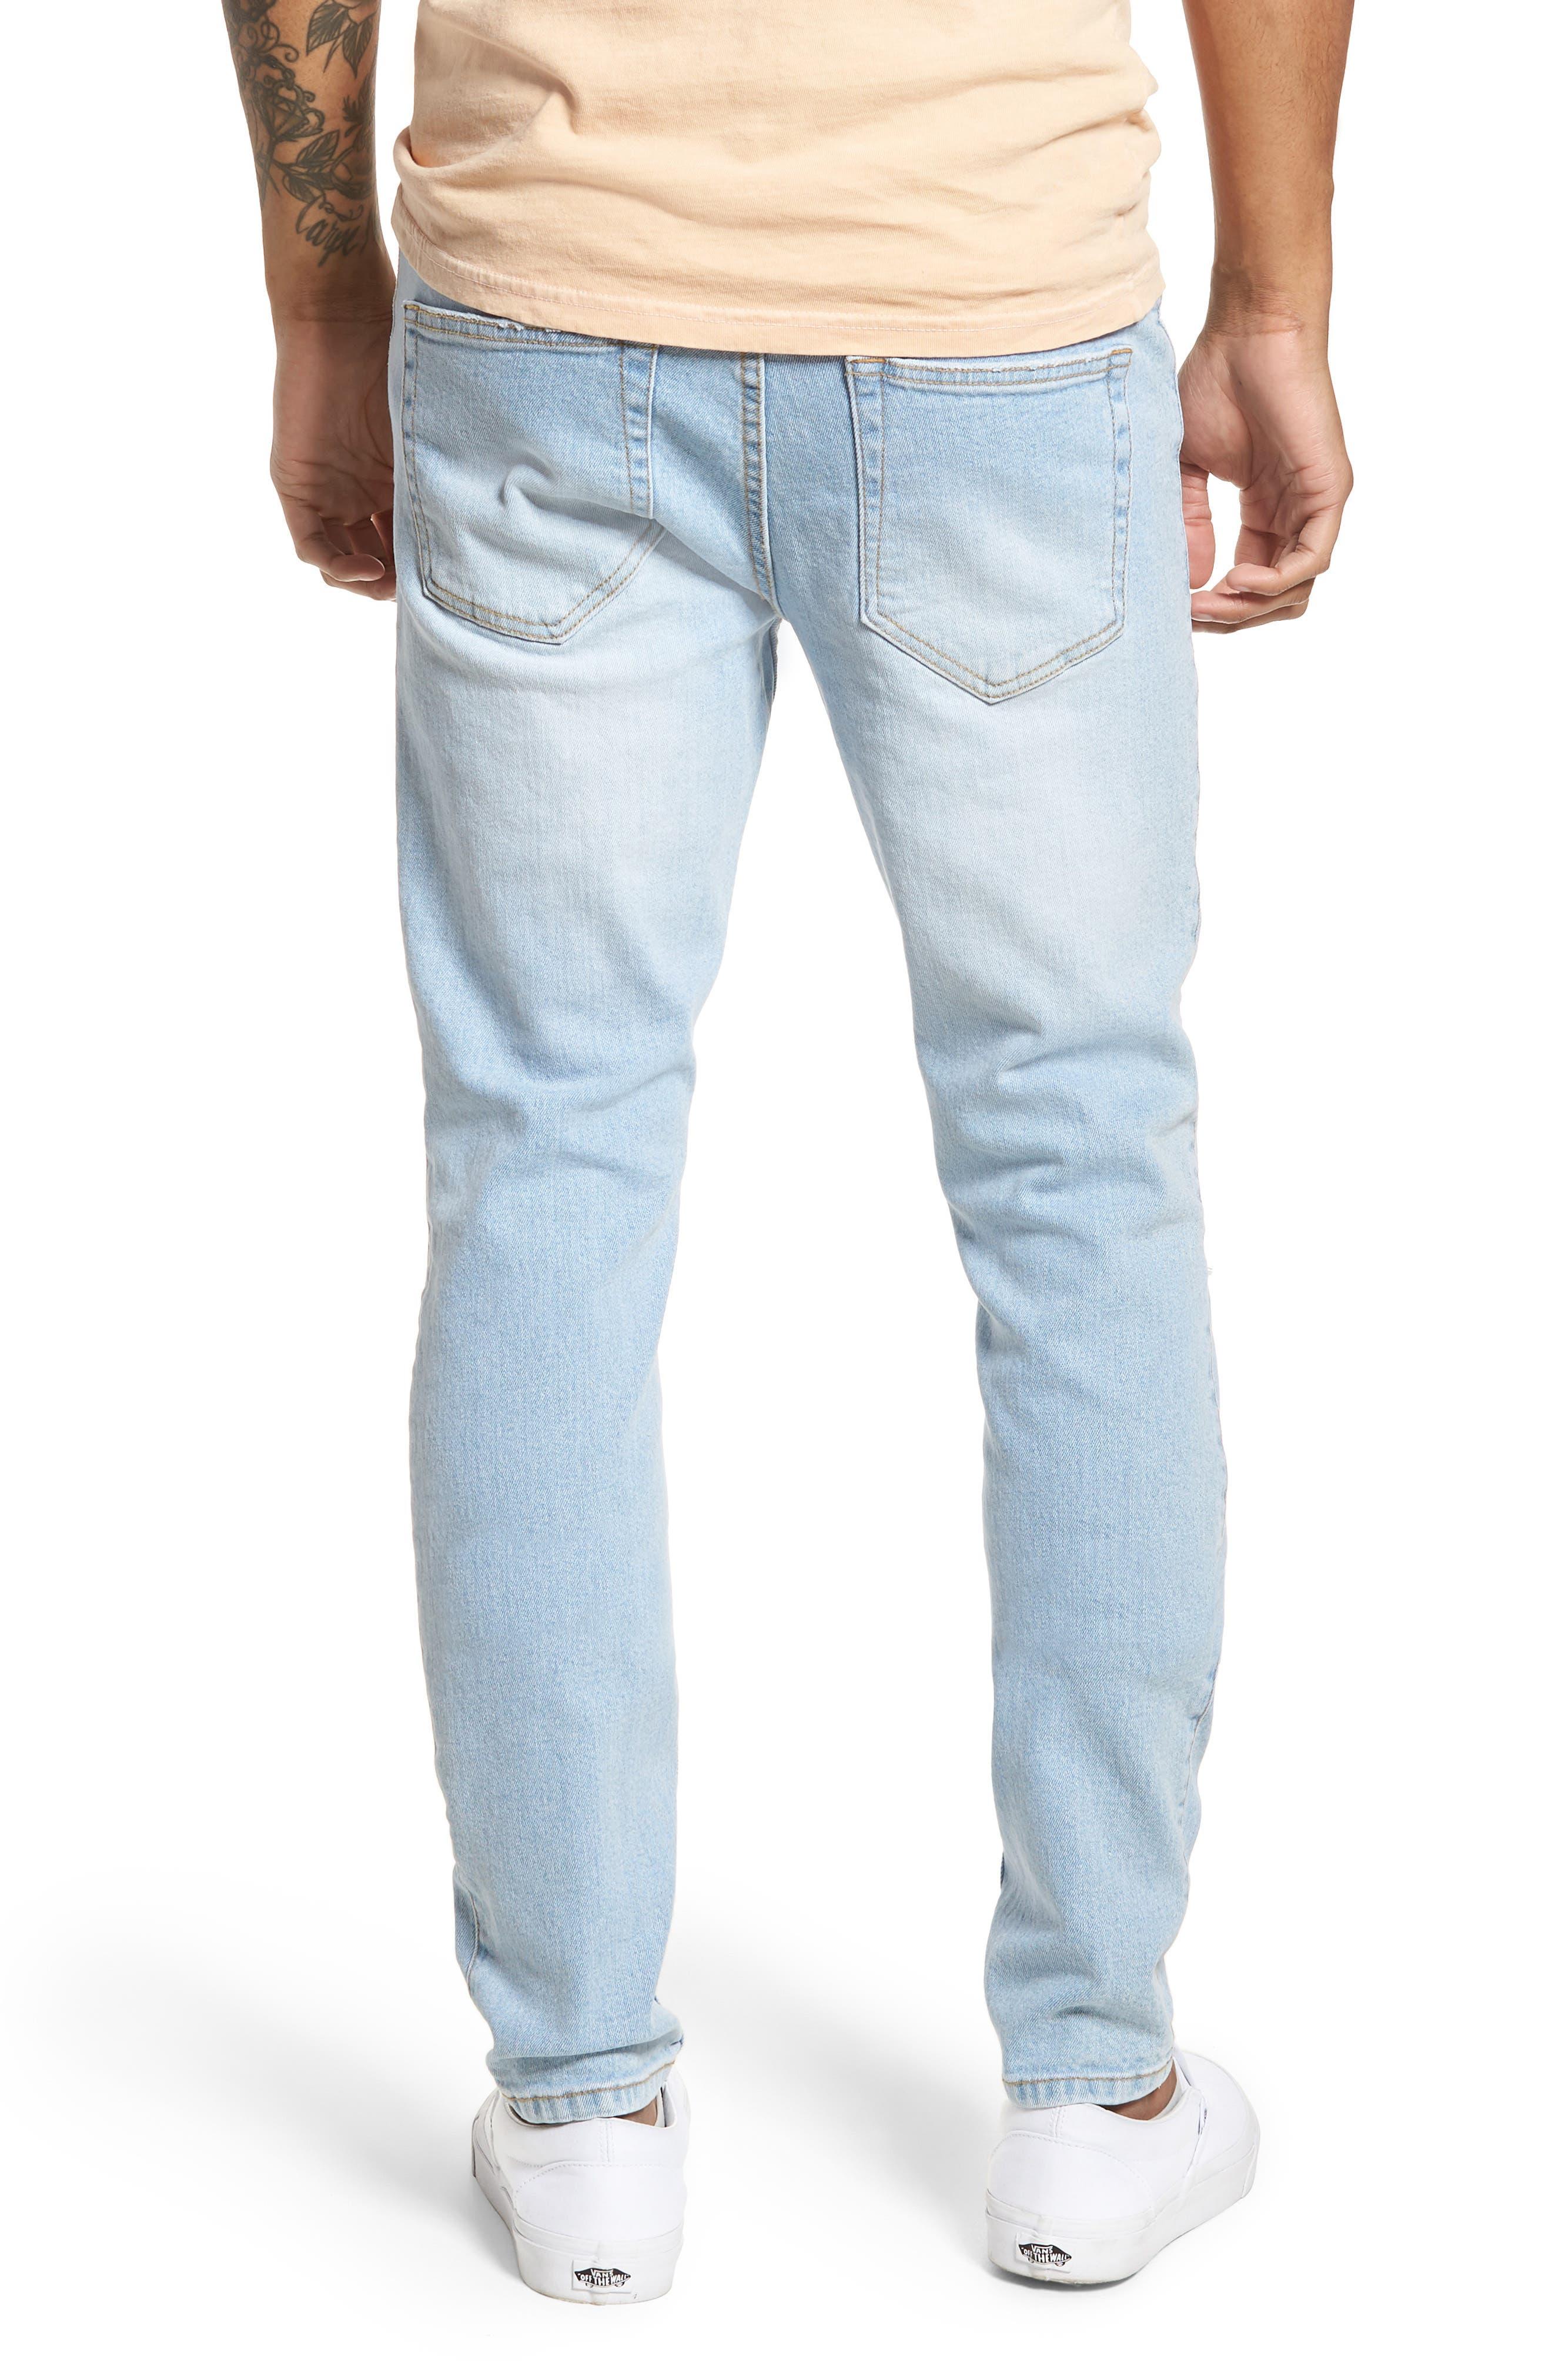 Clark Slim Straight Leg Jeans,                             Alternate thumbnail 2, color,                             Superlight Blue Ripped